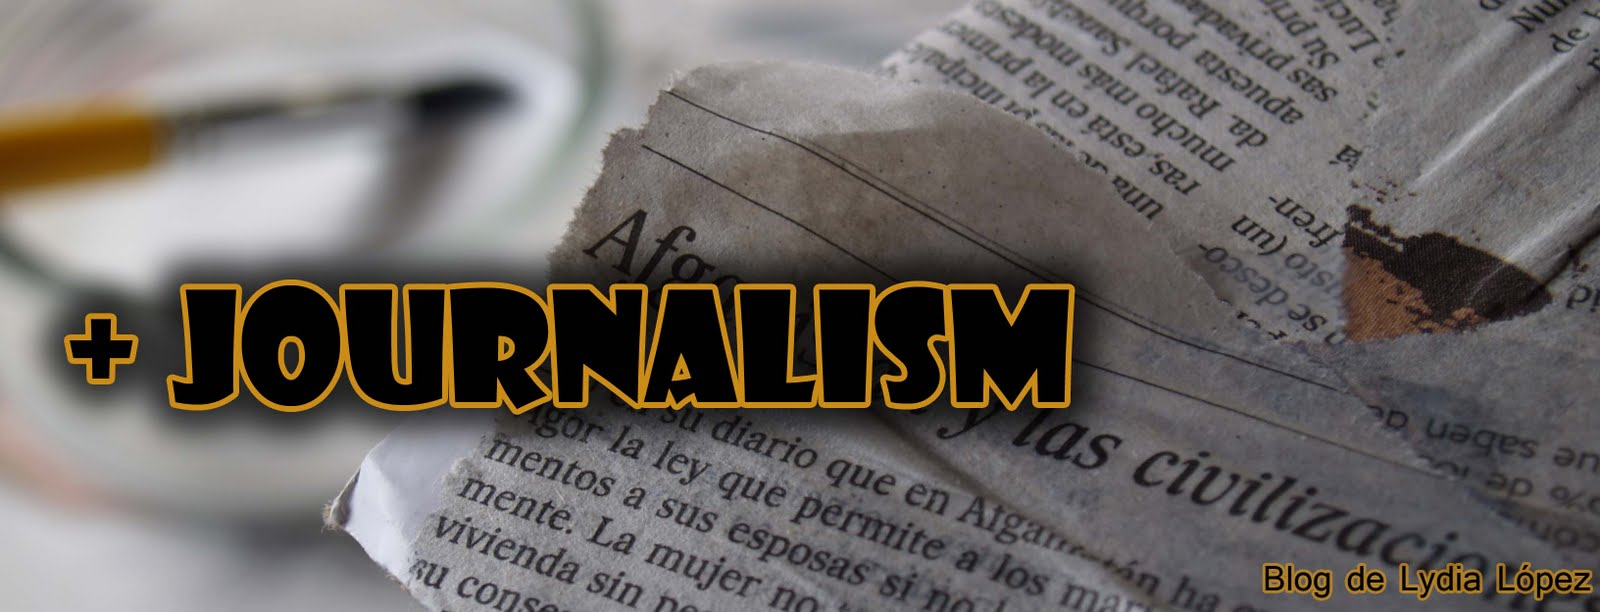 + Journalism